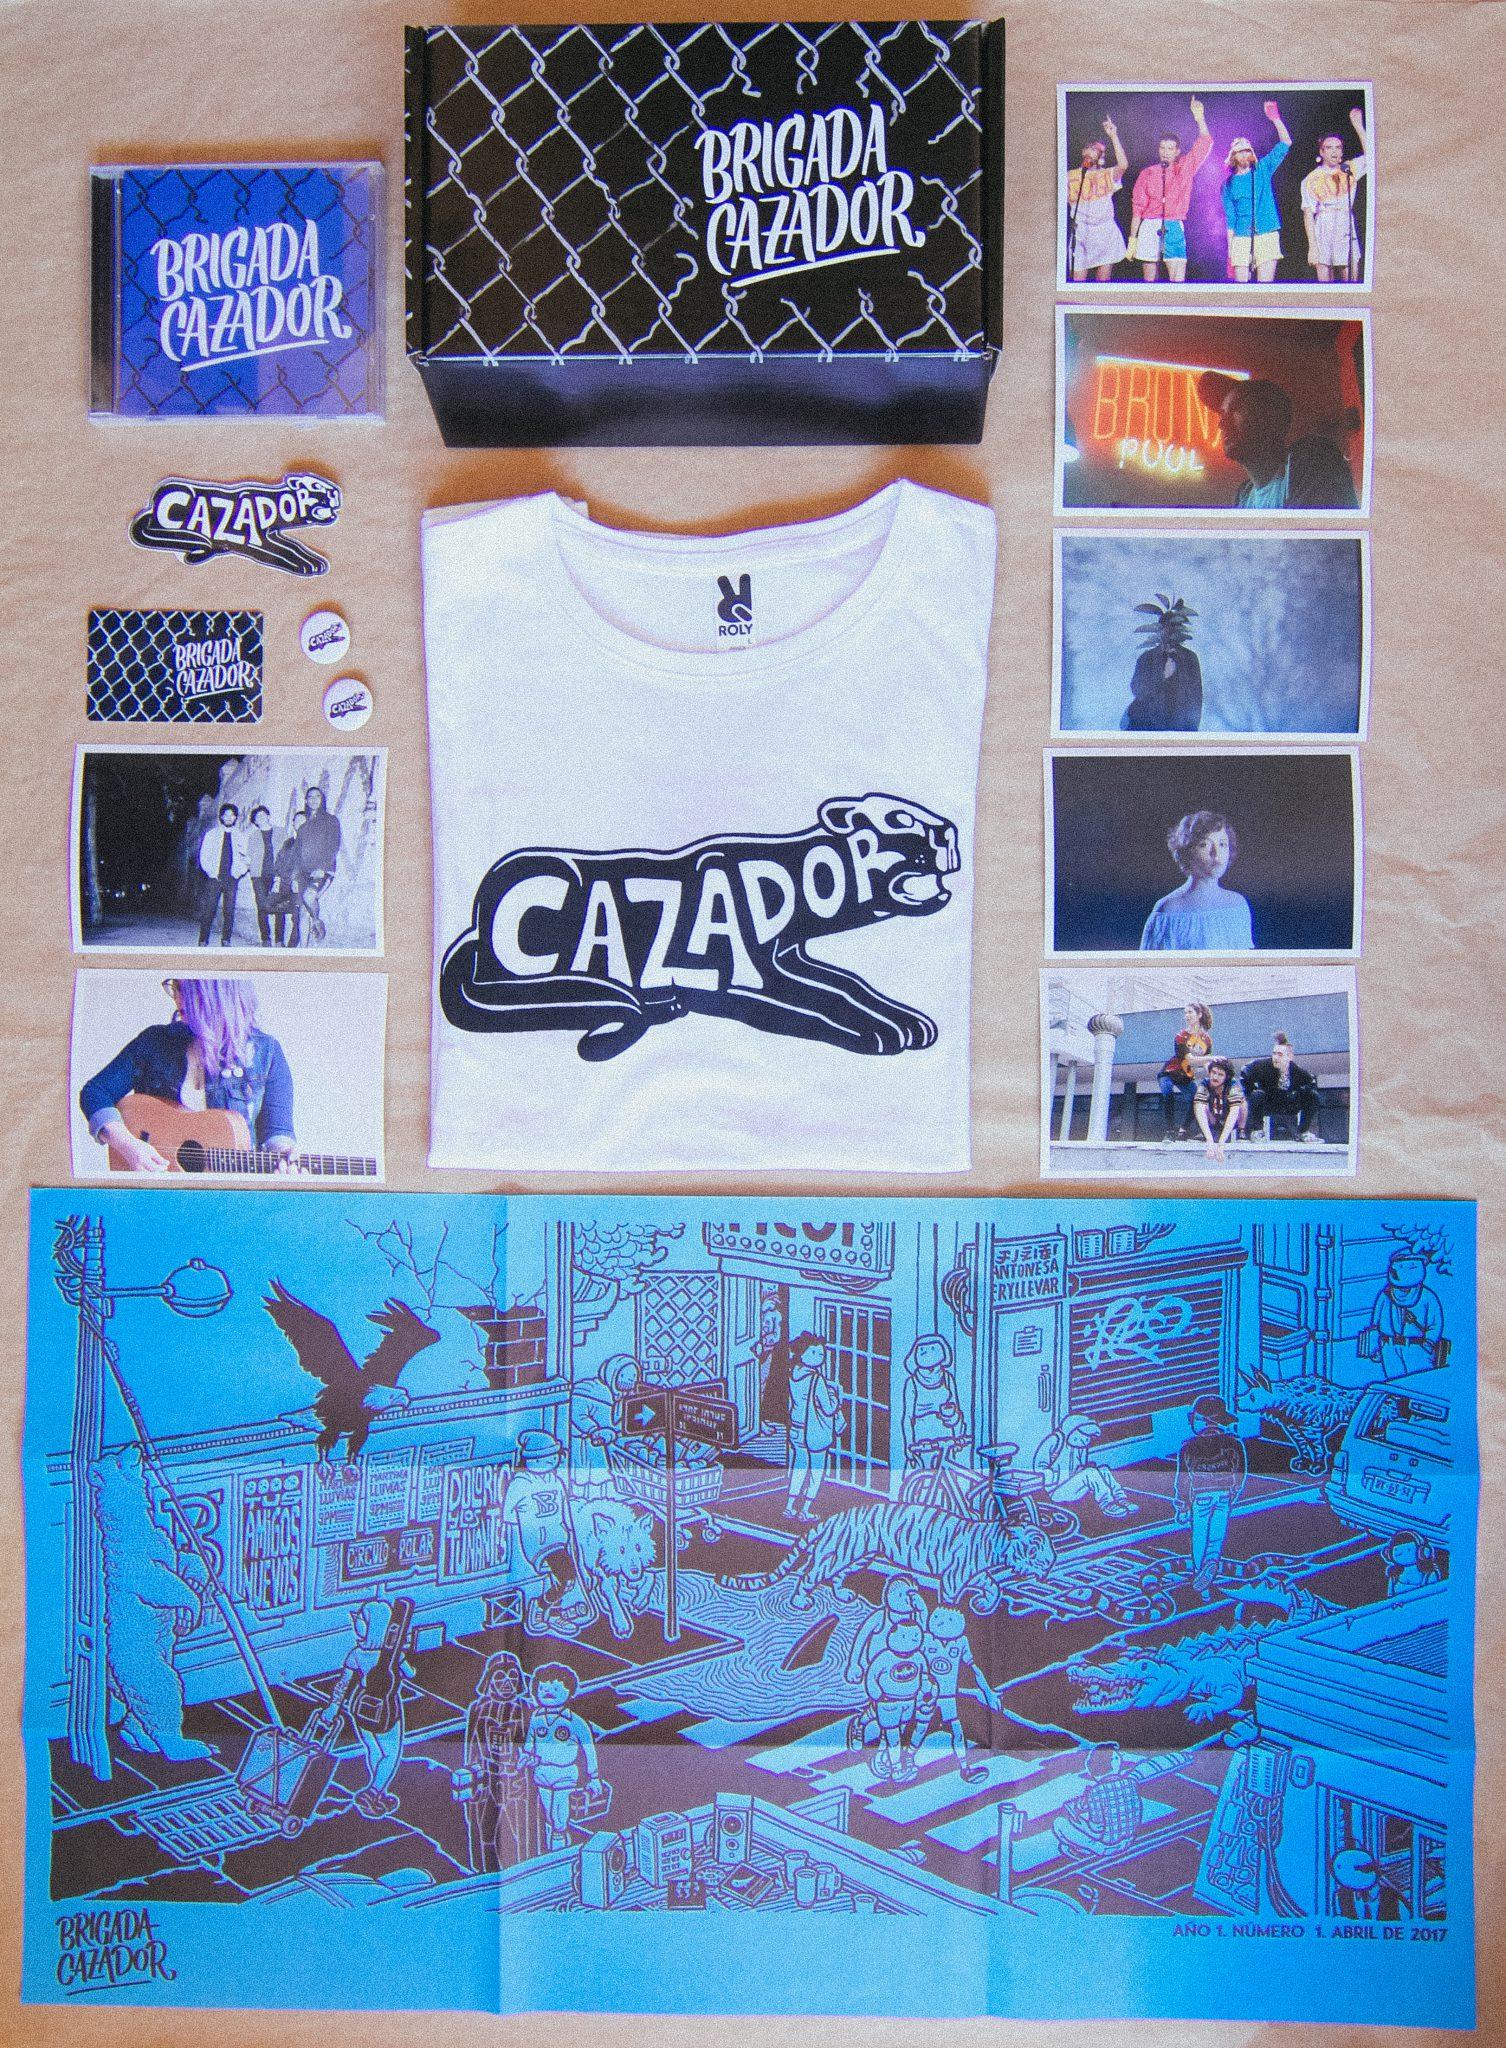 Brigada Cazador: un club para amantes de la música 2